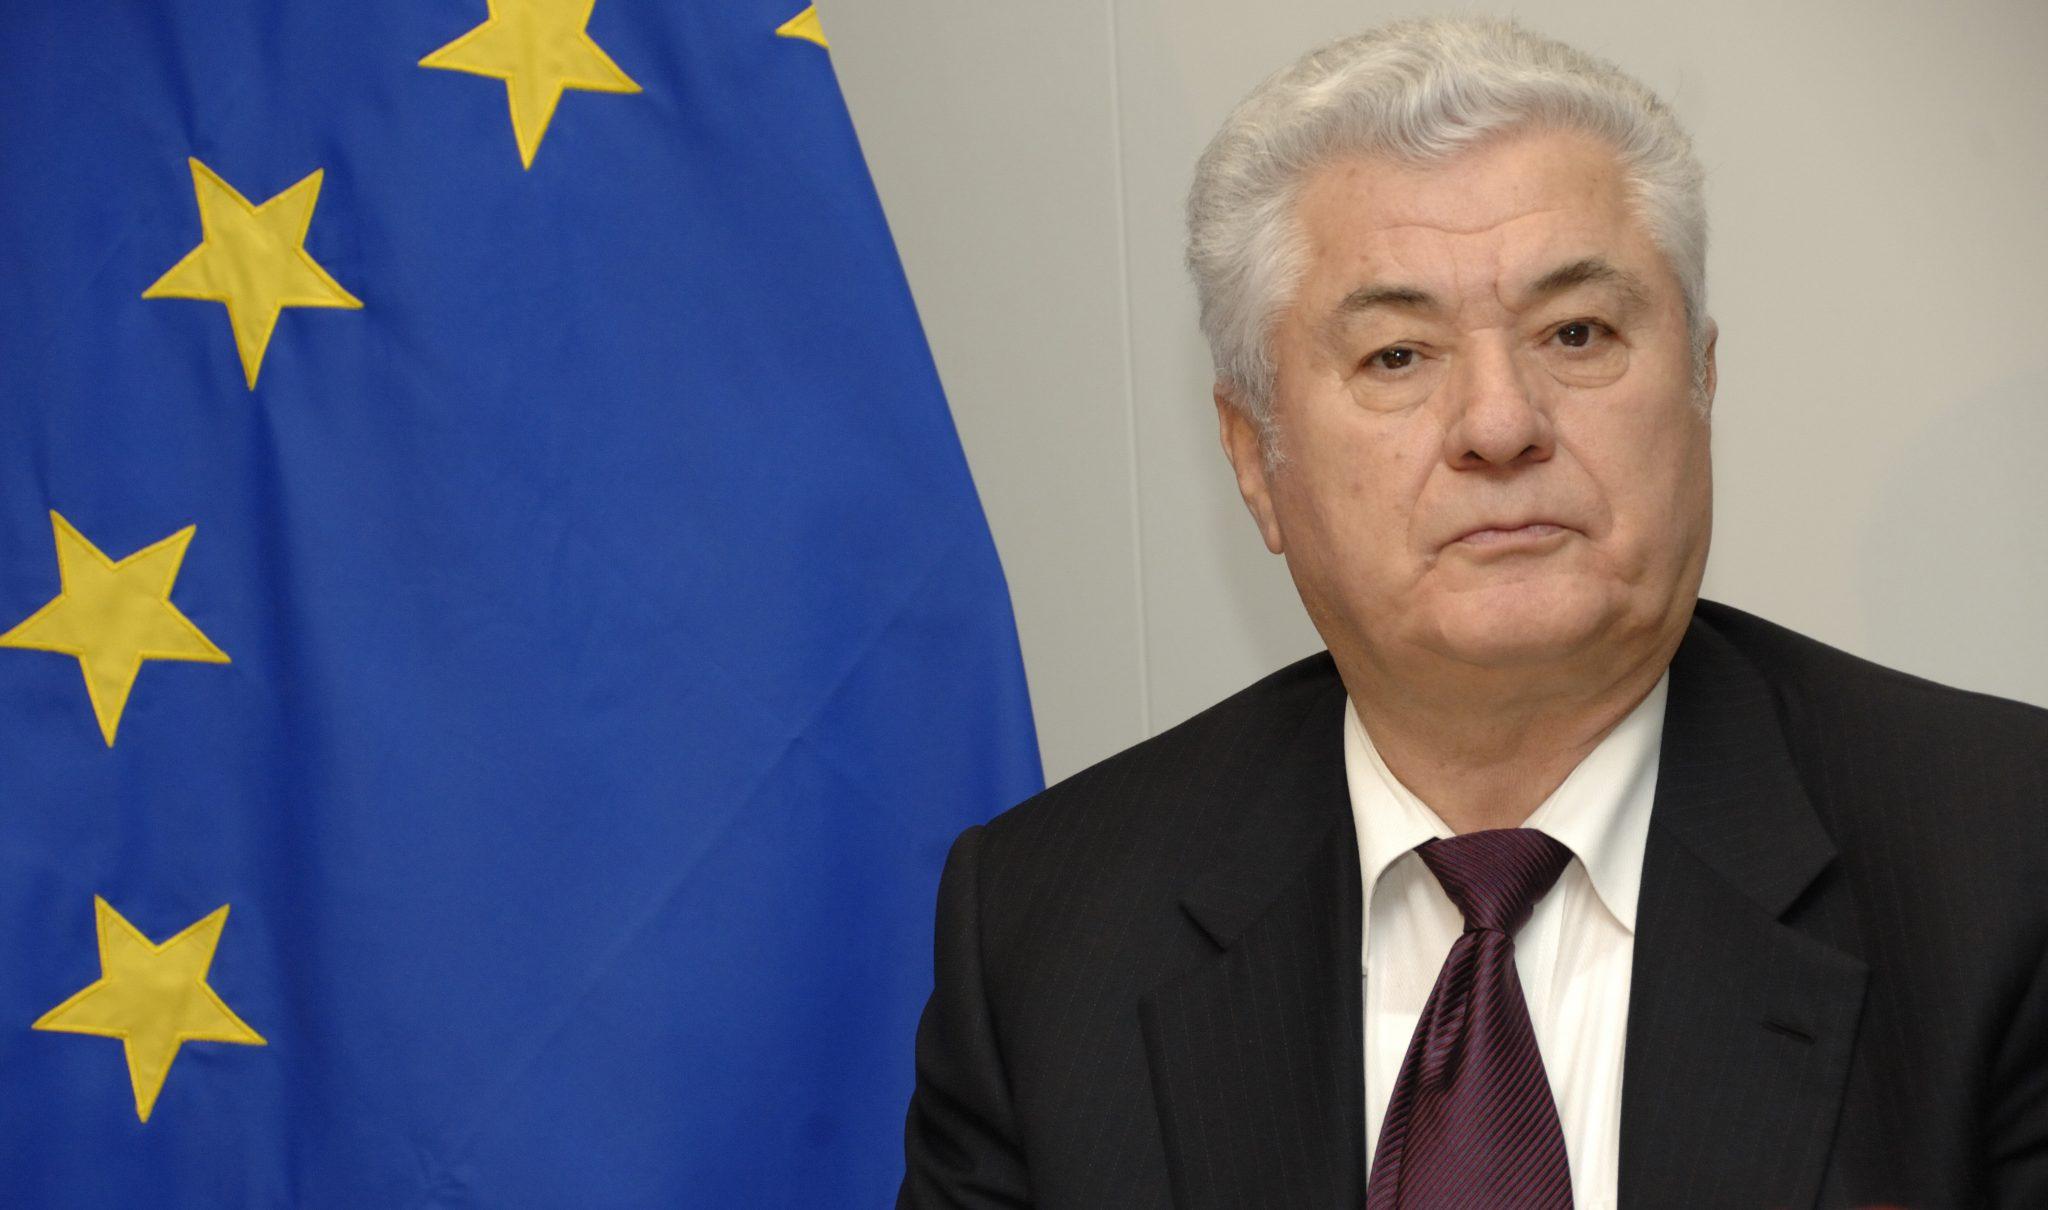 Воронин: В Молдове работает много агентов влияния Фонда Сороса